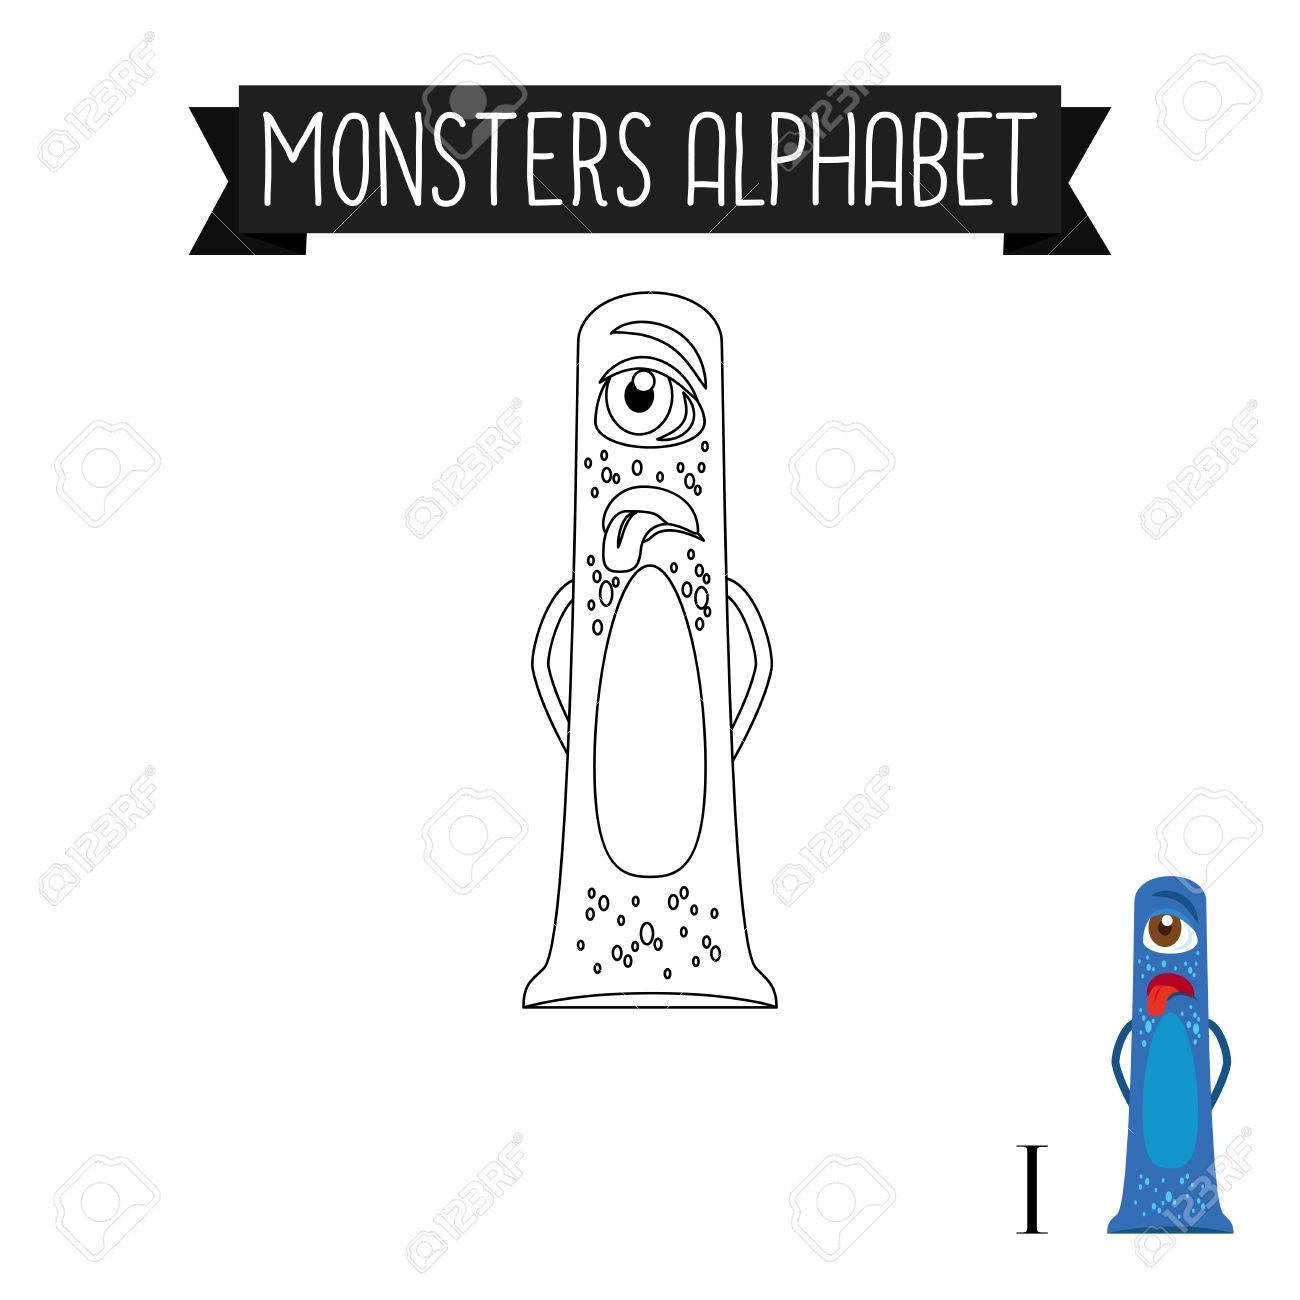 Malvorlage Monster Alphabet Für Kinder . Ich Liebe Vektor